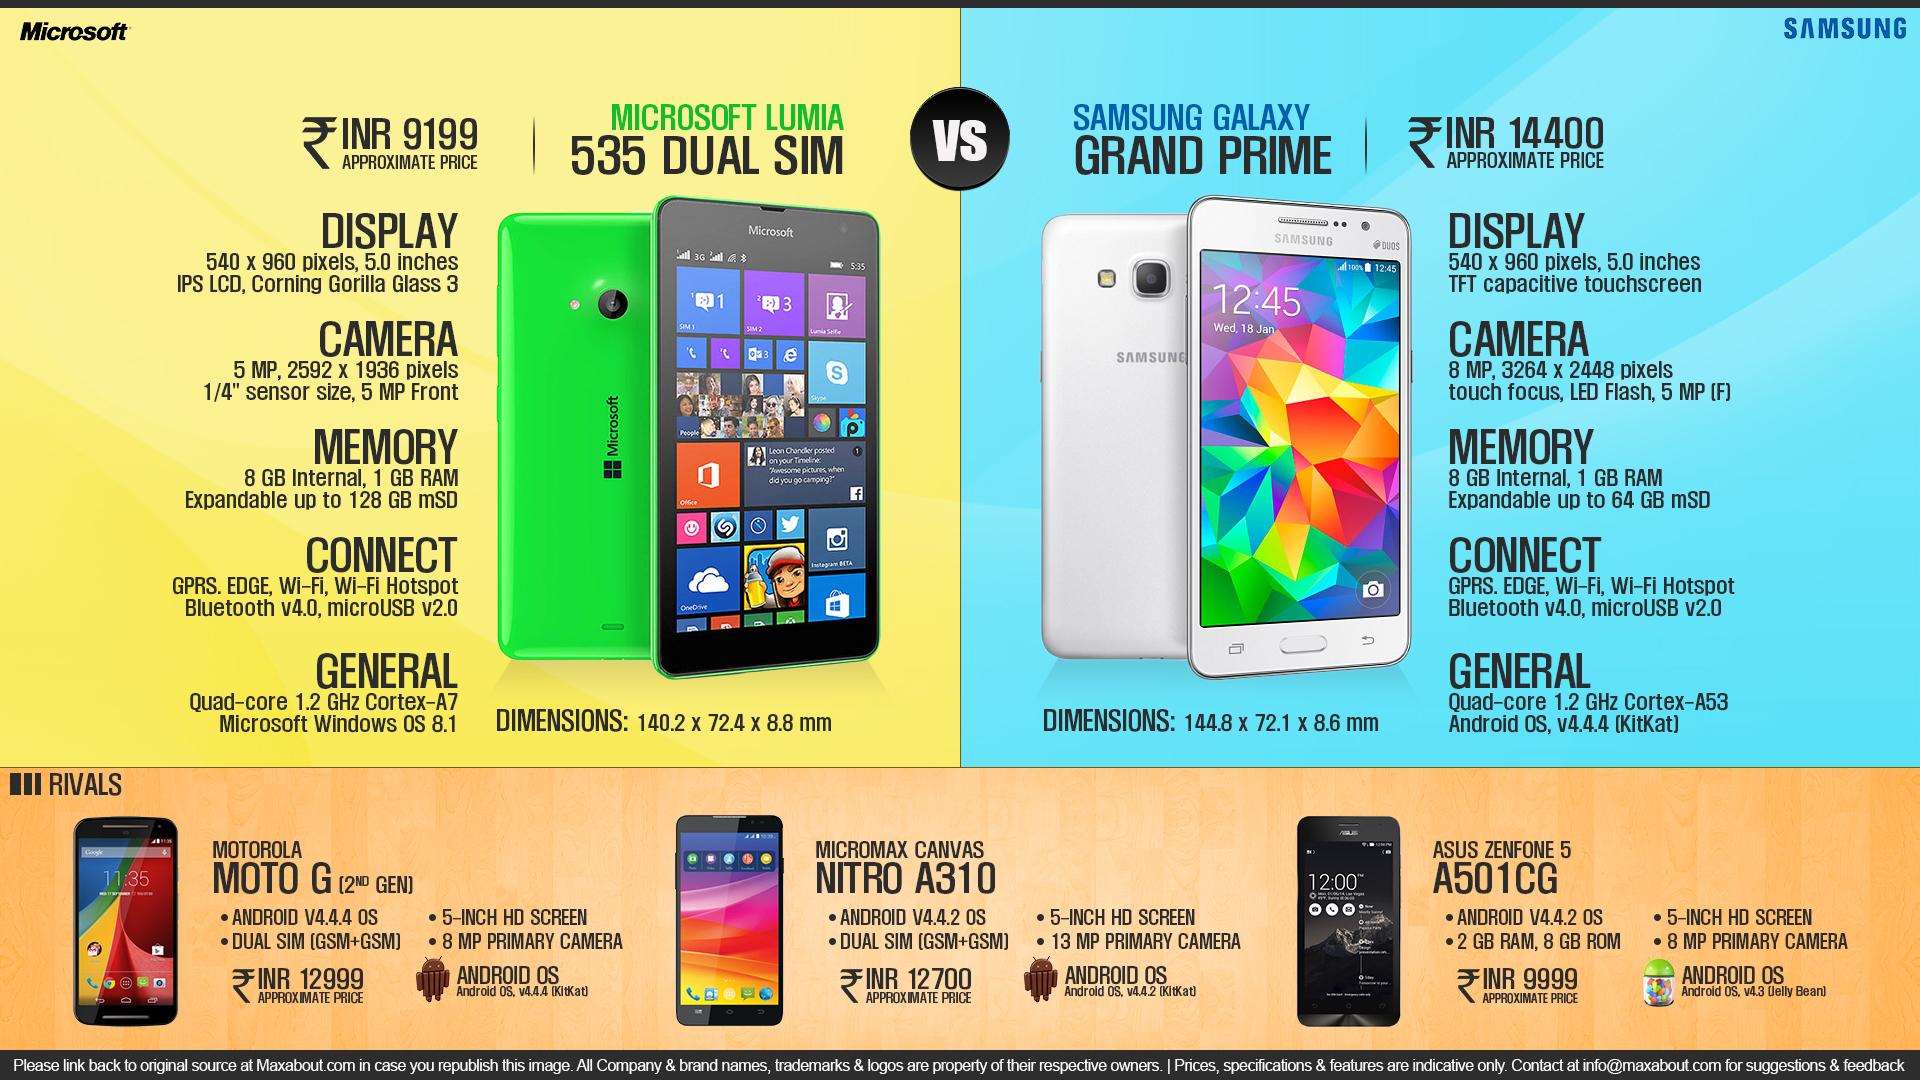 Microsoft Lumia 535 vs. Samsung Galaxy Grand Prime